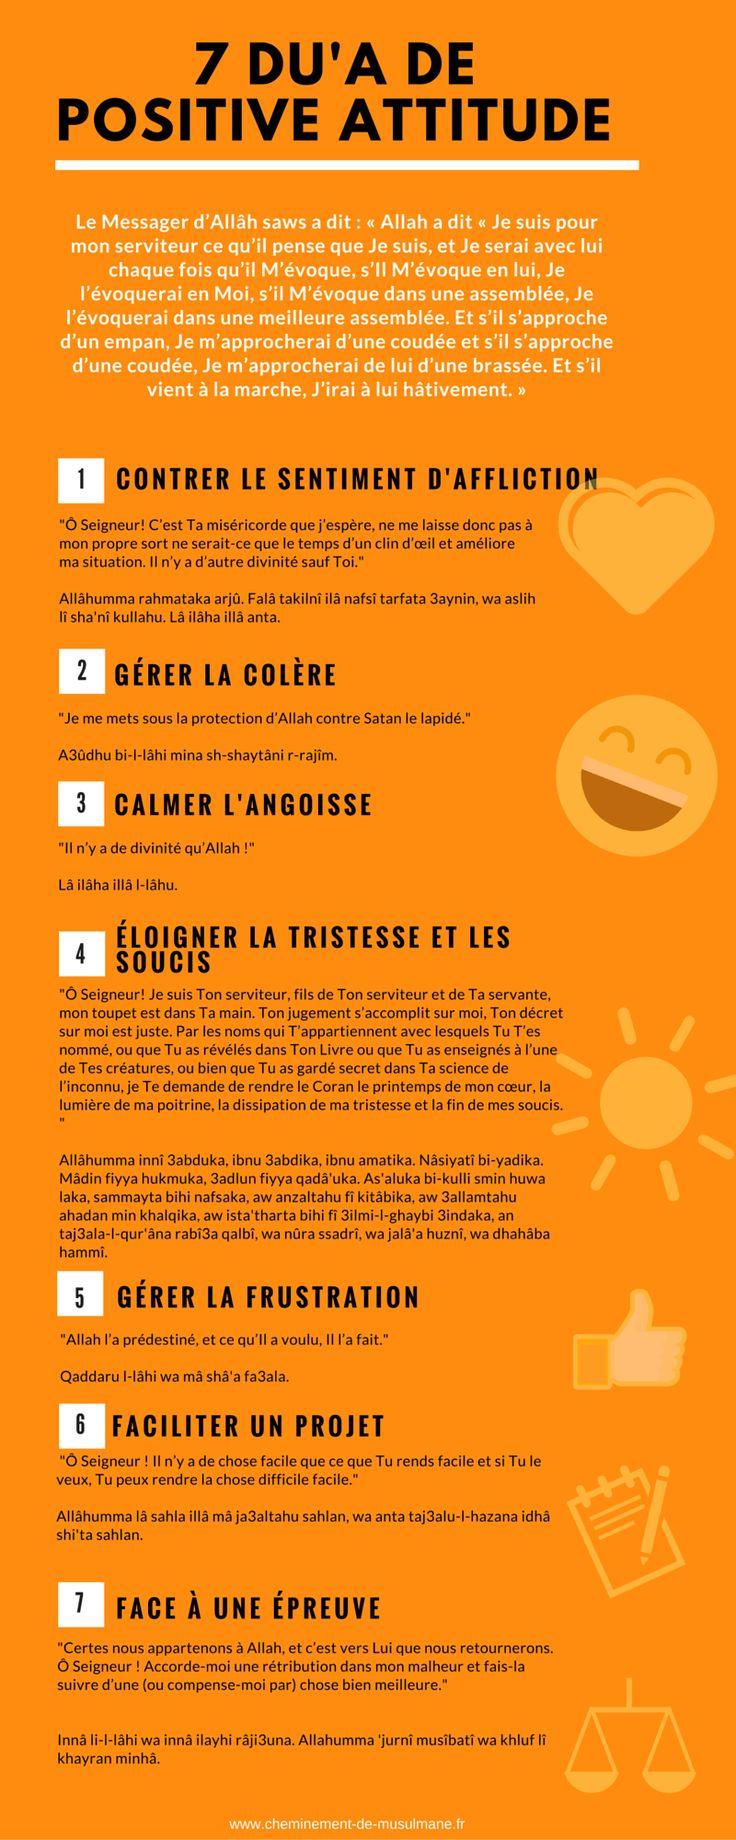 7 Du'a de Positive Attitude